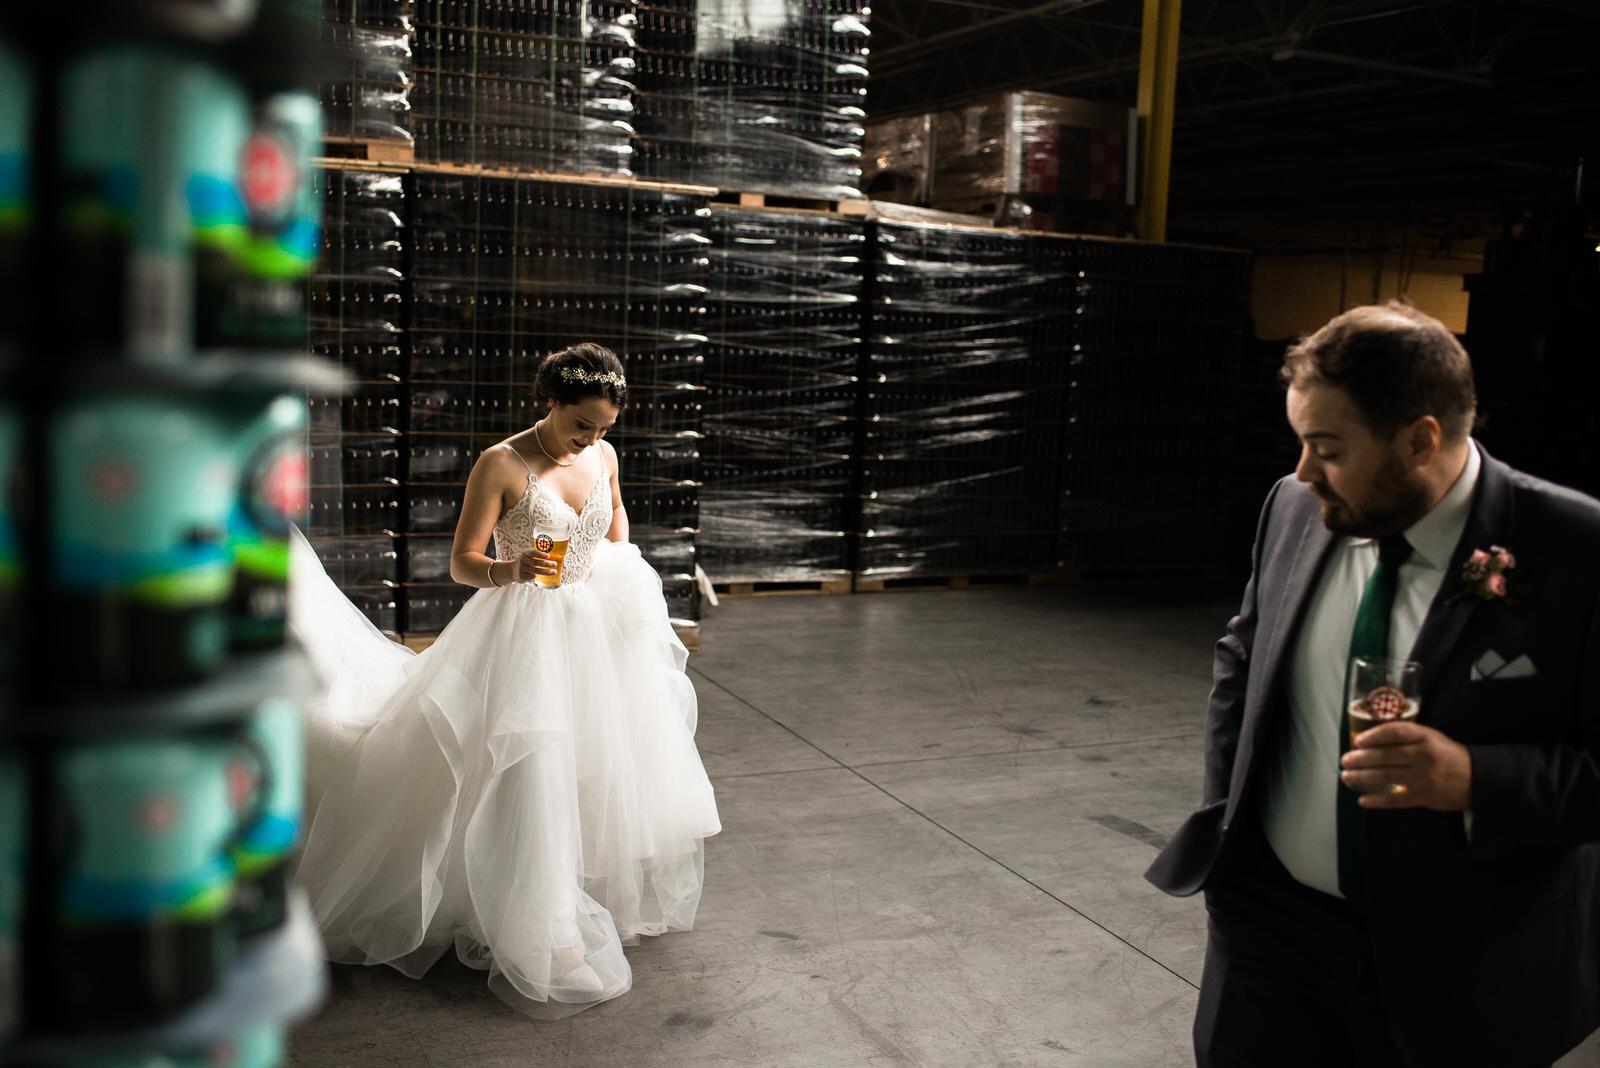 Highland-Brewing-Company-WeddingWedding-224.jpg